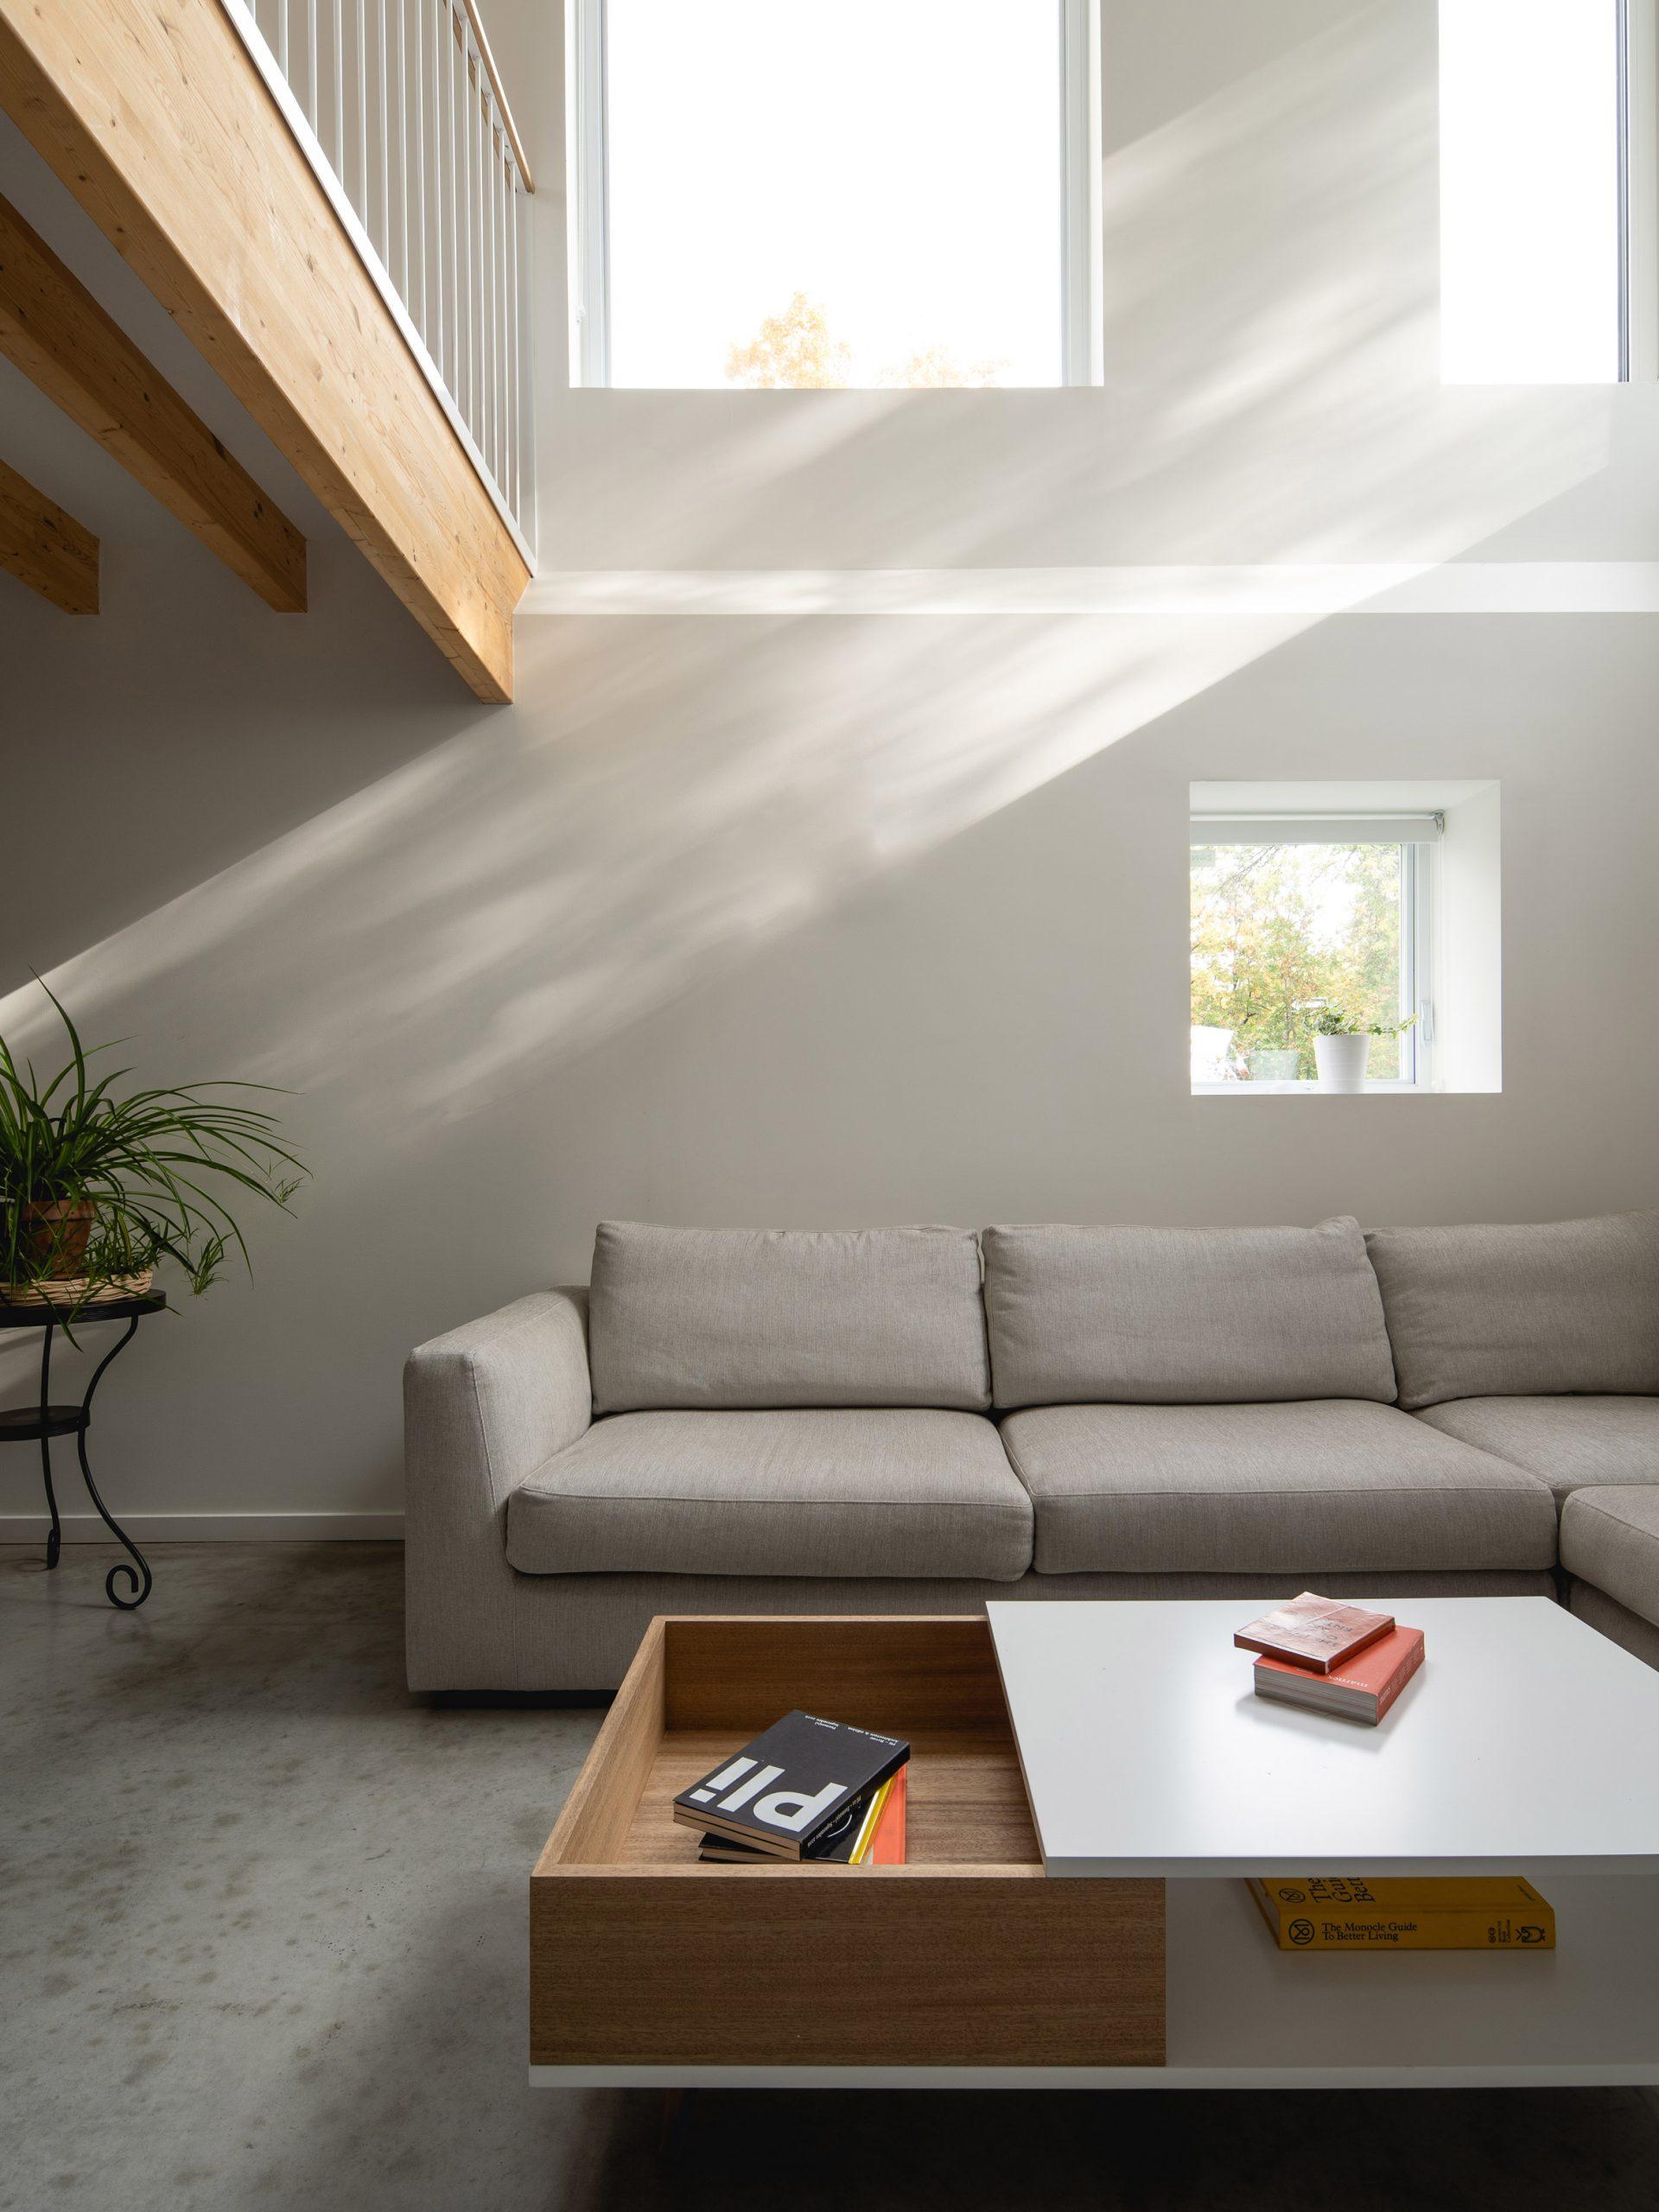 Park Ex House has a light-filled basement